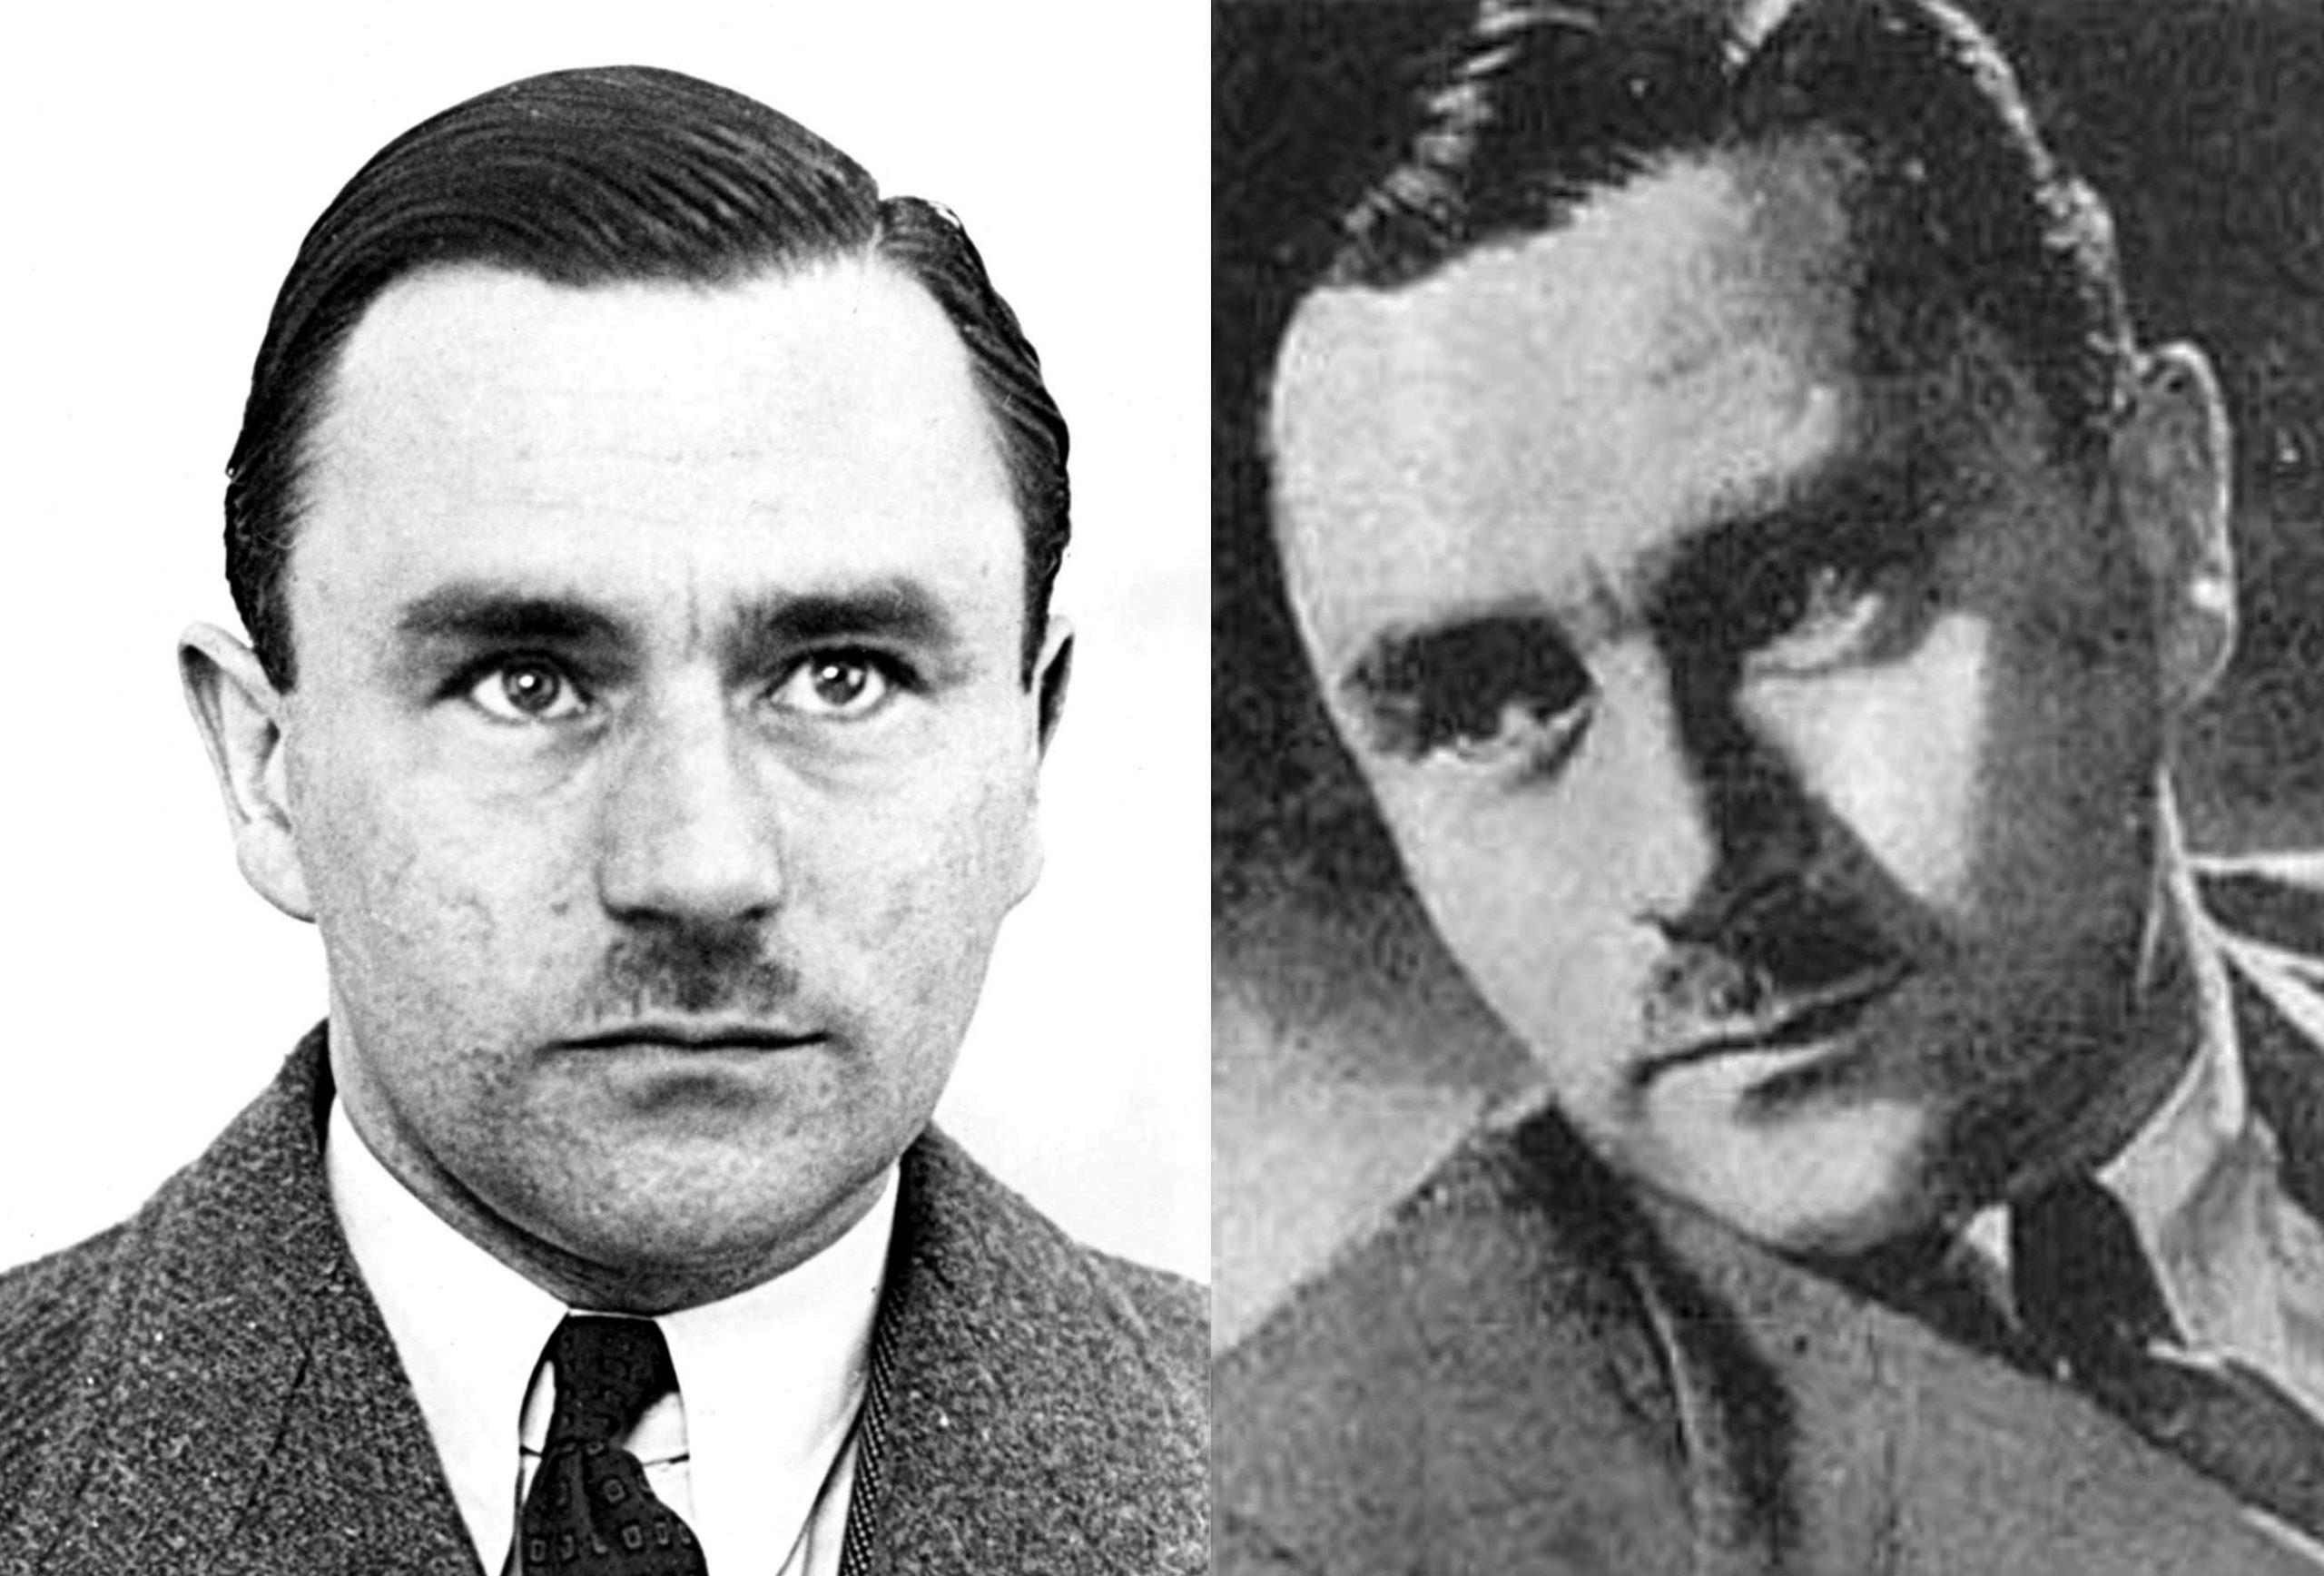 John George Haigh, Kẻ sát nhân tắm axit